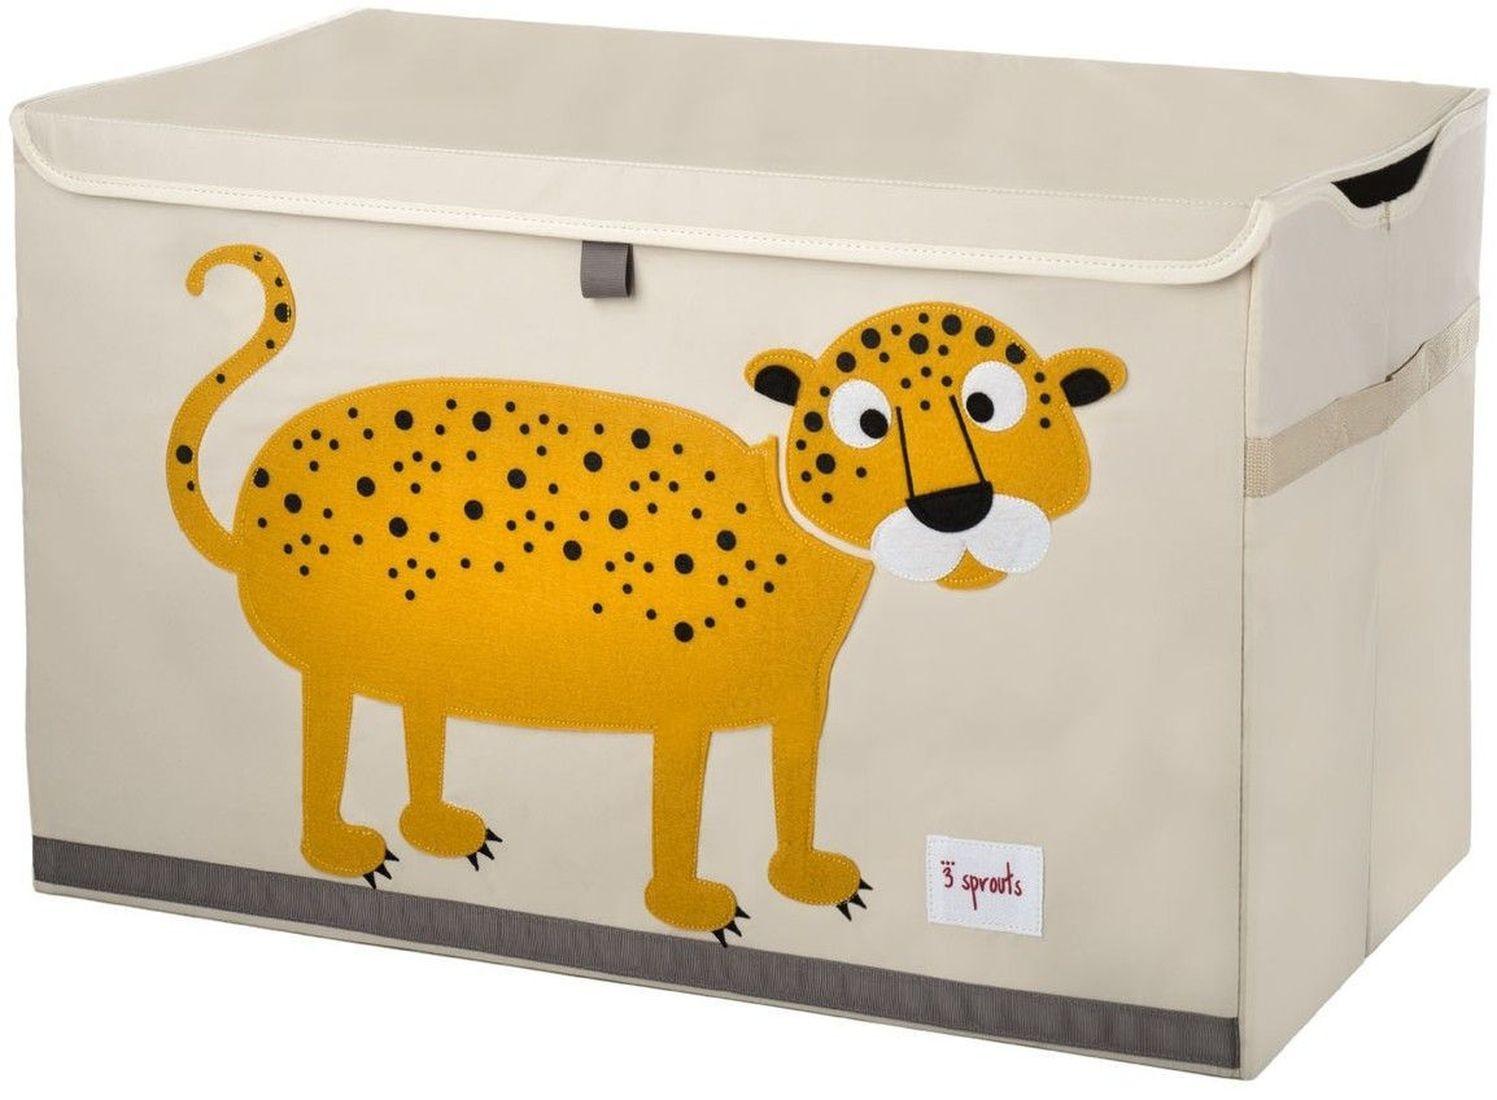 3 sprouts spielzeug kiste leopard kinderzimmerdeko kinderzimmer baby. Black Bedroom Furniture Sets. Home Design Ideas